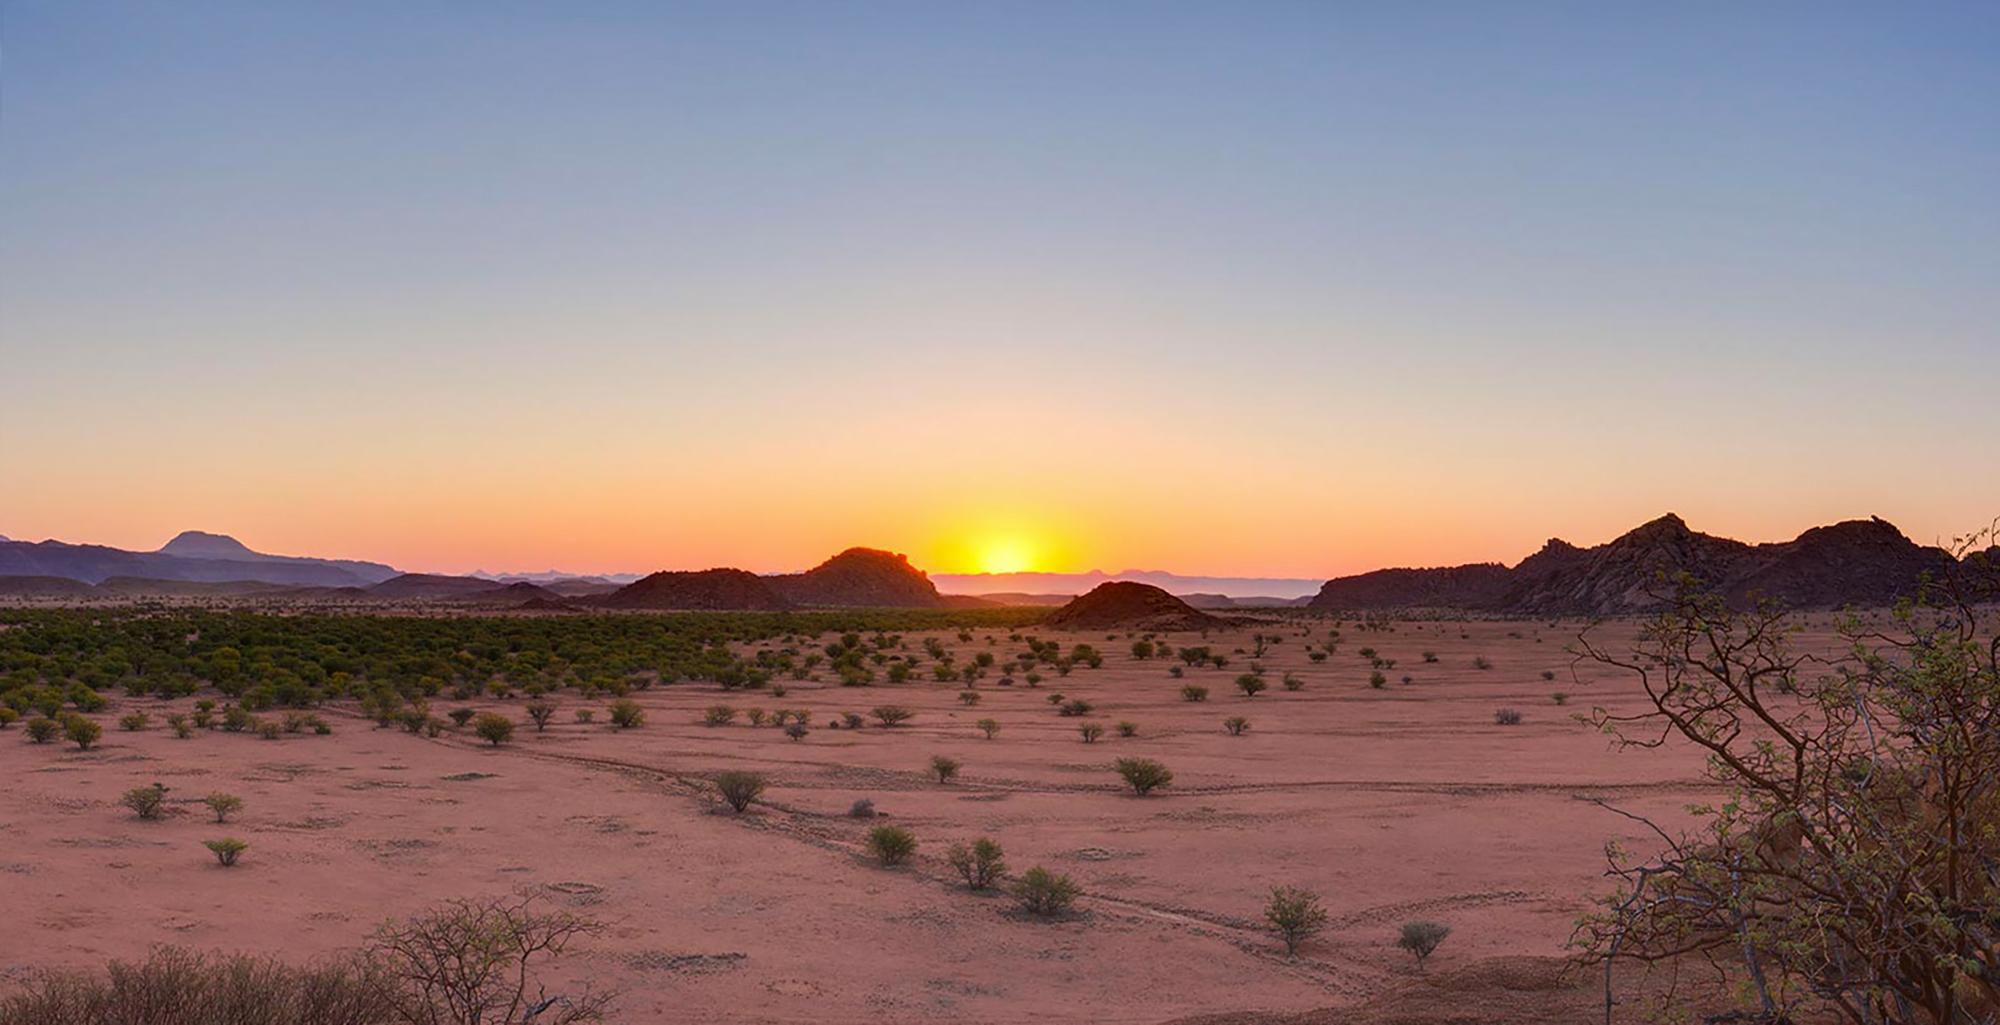 Namibia-Damaraland-Landscape-Sunset